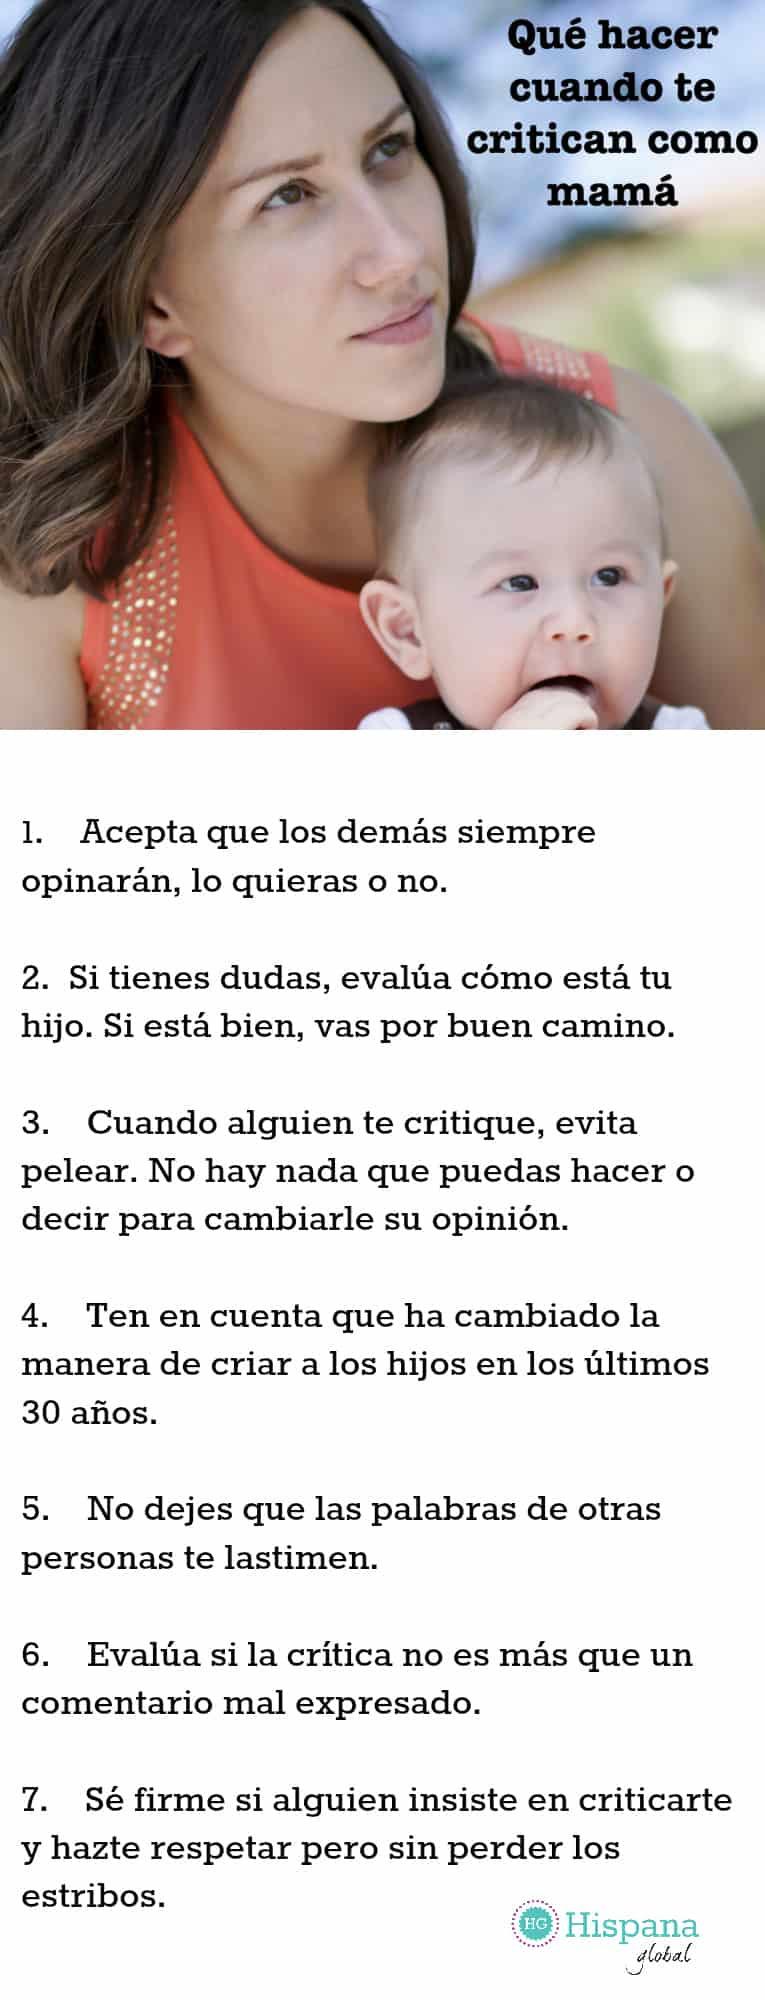 7 Cosas Que Puedes Hacer Cuando Te Critican Como Mamá Hispana Global